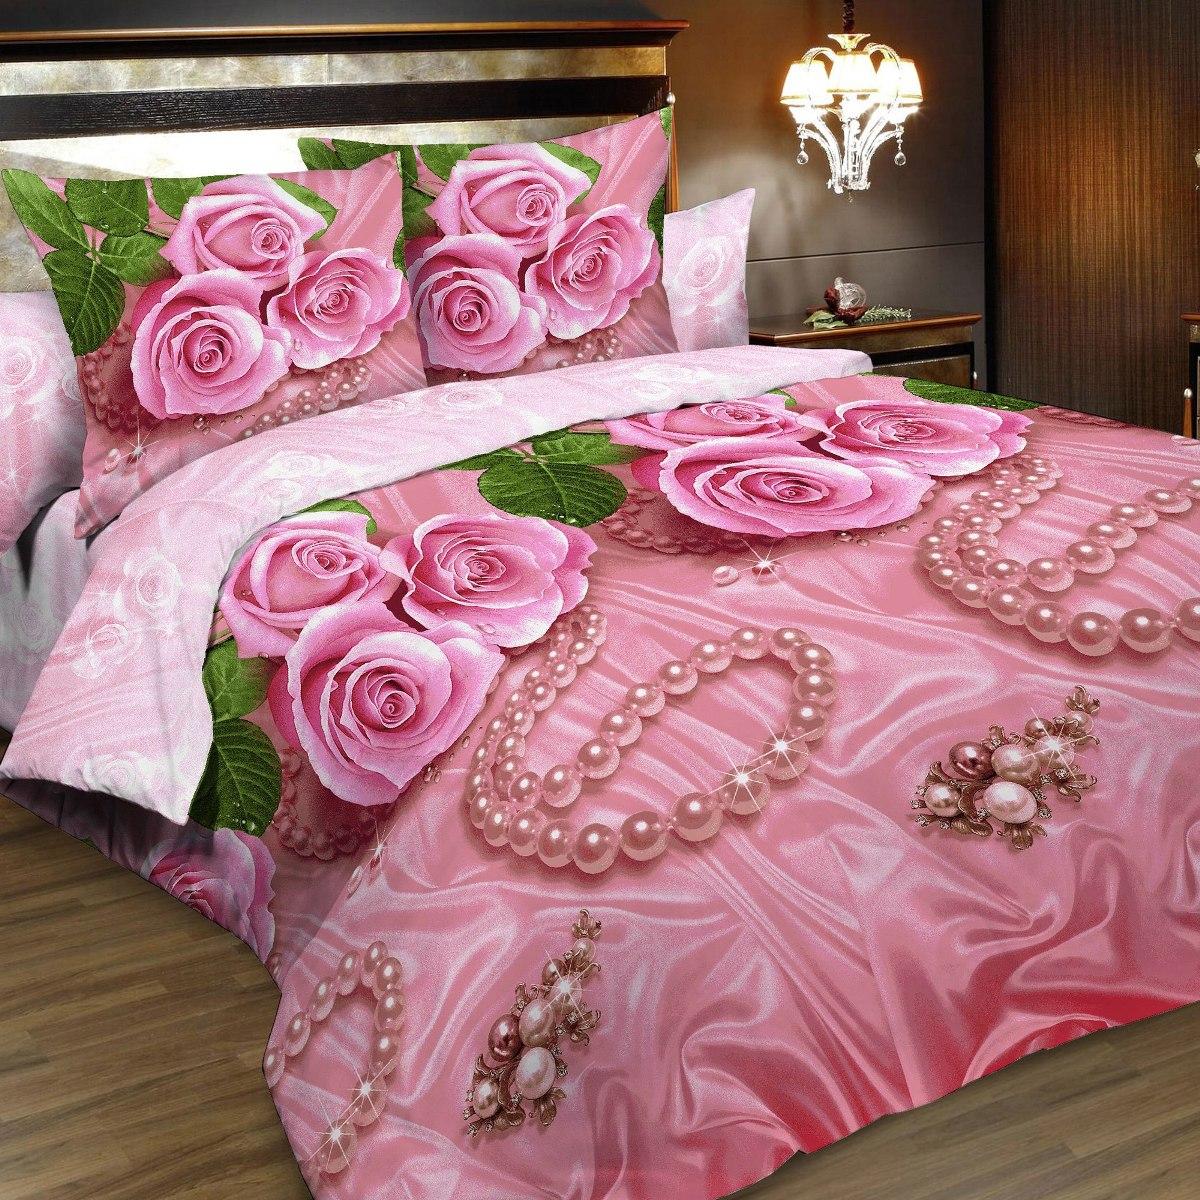 Комплект белья Letto, 2-спальный, наволочки 70х70. B161-4391602Комплект постельного белья Letto выполнен из классической российской бязи (хлопка). Комплект состоит из пододеяльника, простыни и двух наволочек.Постельное белье, оформленное ярким цветочным 3D изображением, имеет изысканный внешний вид. Пододеяльник снабжен молнией.Благодаря такому комплекту постельного белья вы сможете создать атмосферу роскоши и романтики в вашей спальне. Уважаемые клиенты! Обращаем ваше внимание на тот факт, что расцветка наволочек может отличаться от представленной на фото.